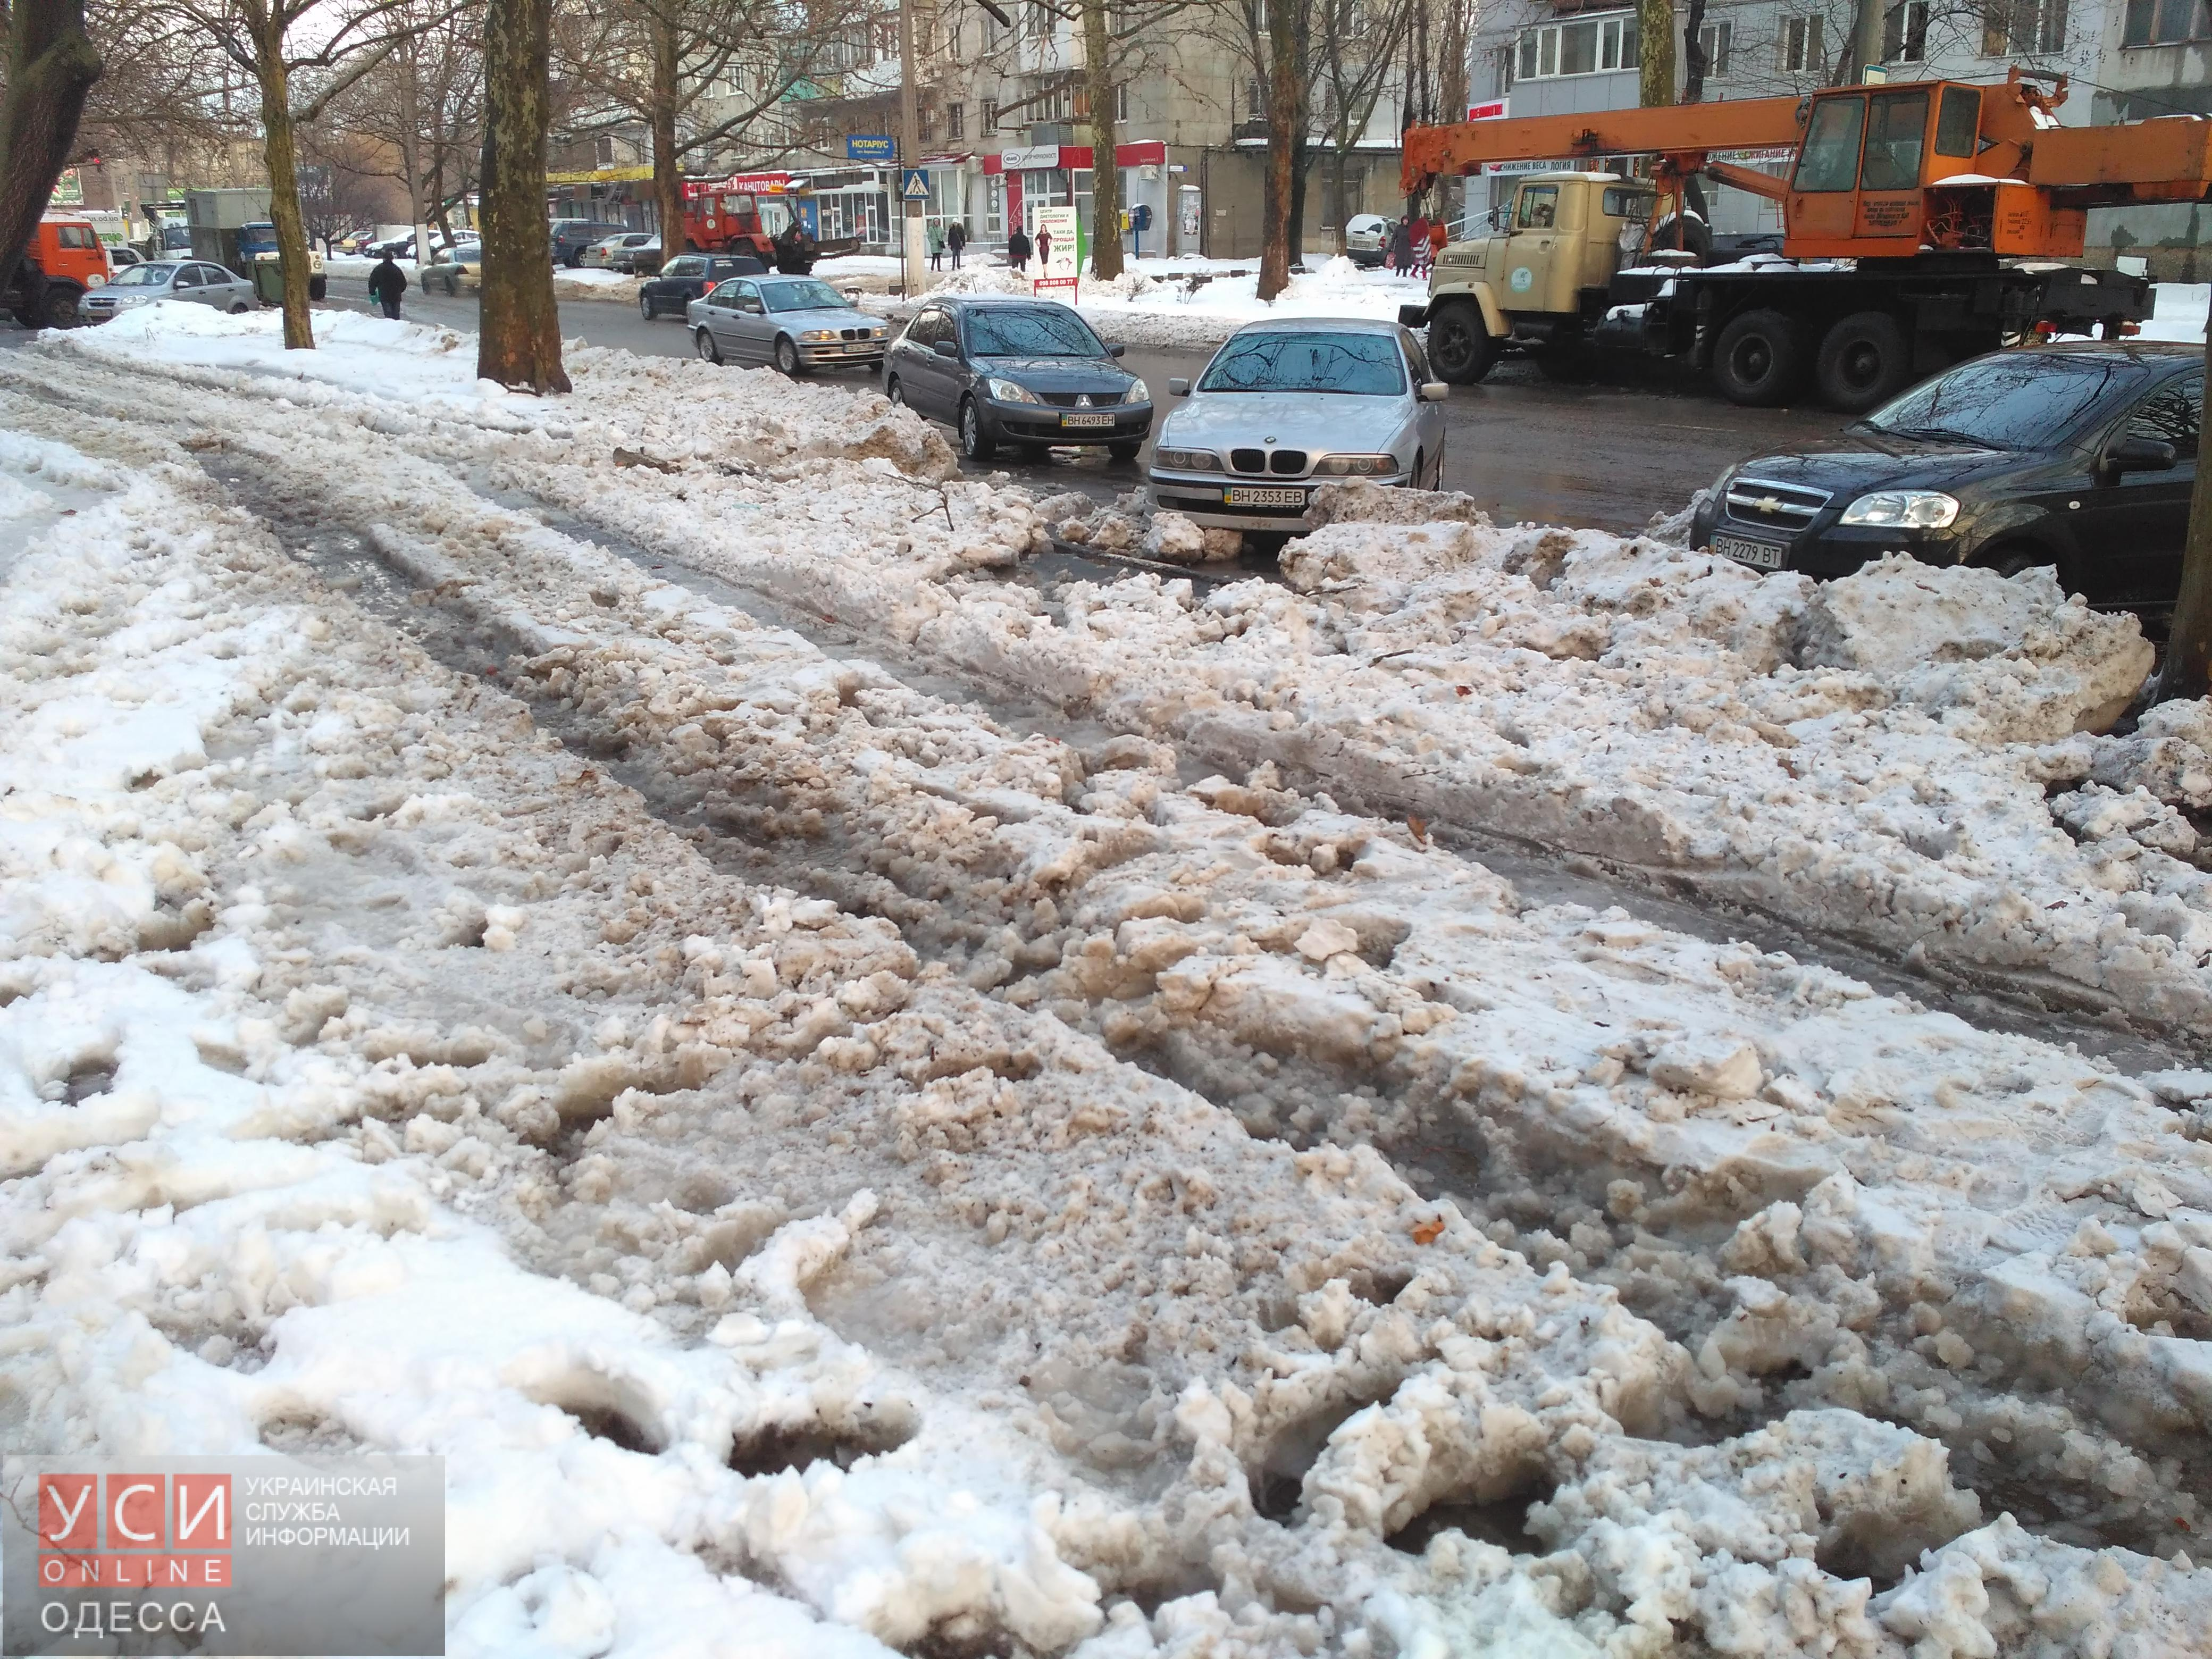 Жители Черемушек остались без воды: на Варненской прорвало трубу и затопило несколько кварталов (фото, видео, обновлено)